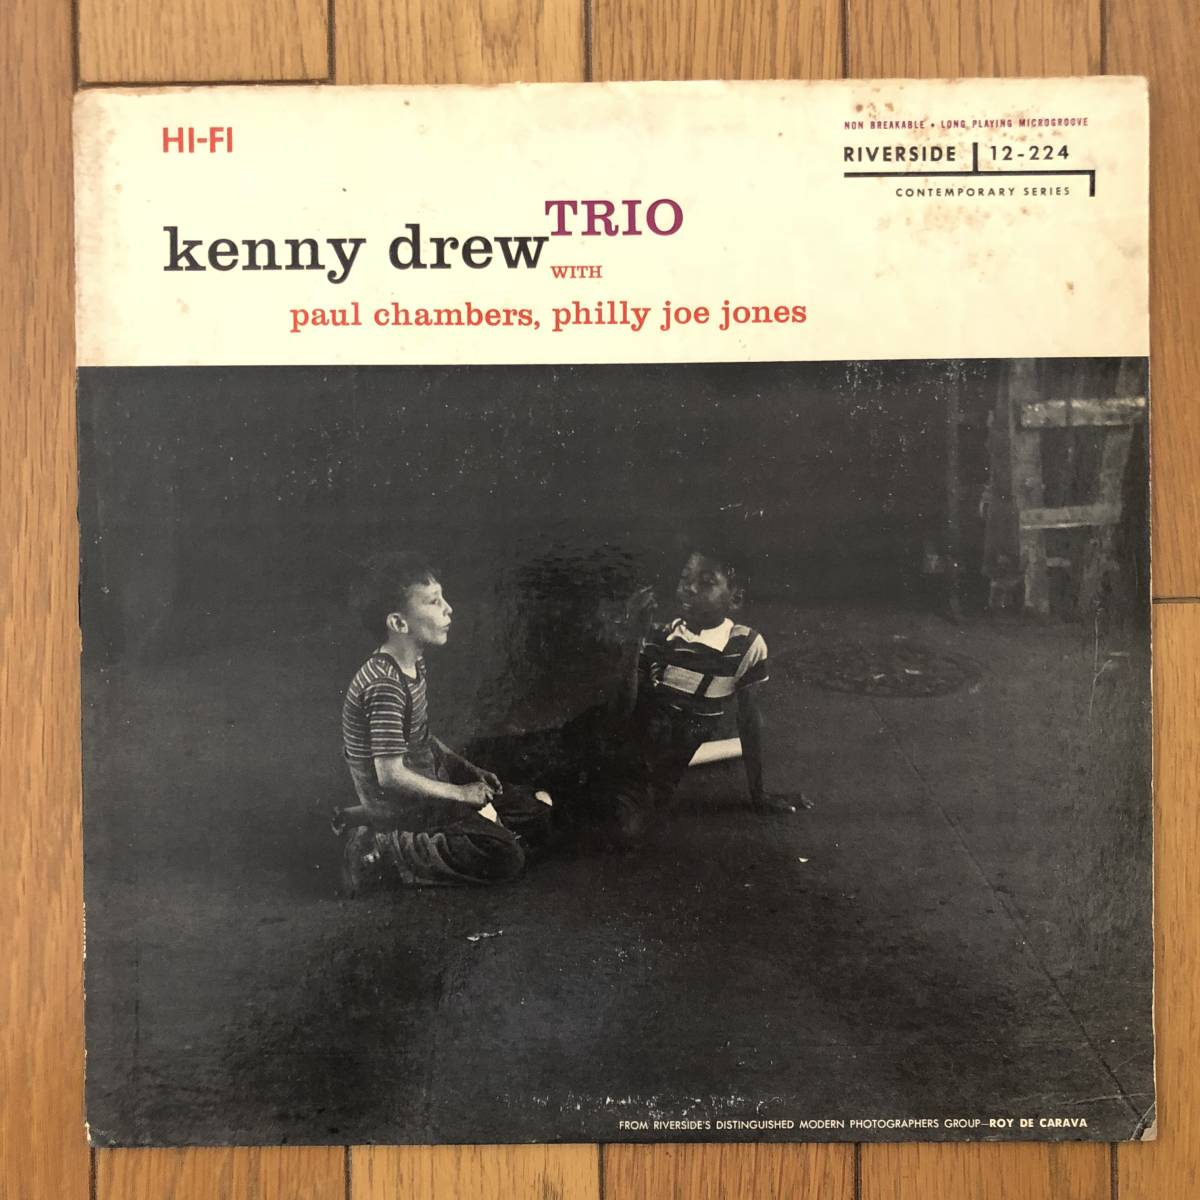 【白ラベル/フラット美盤】Kenny Drew Trio(Riverside RLP 12-224)